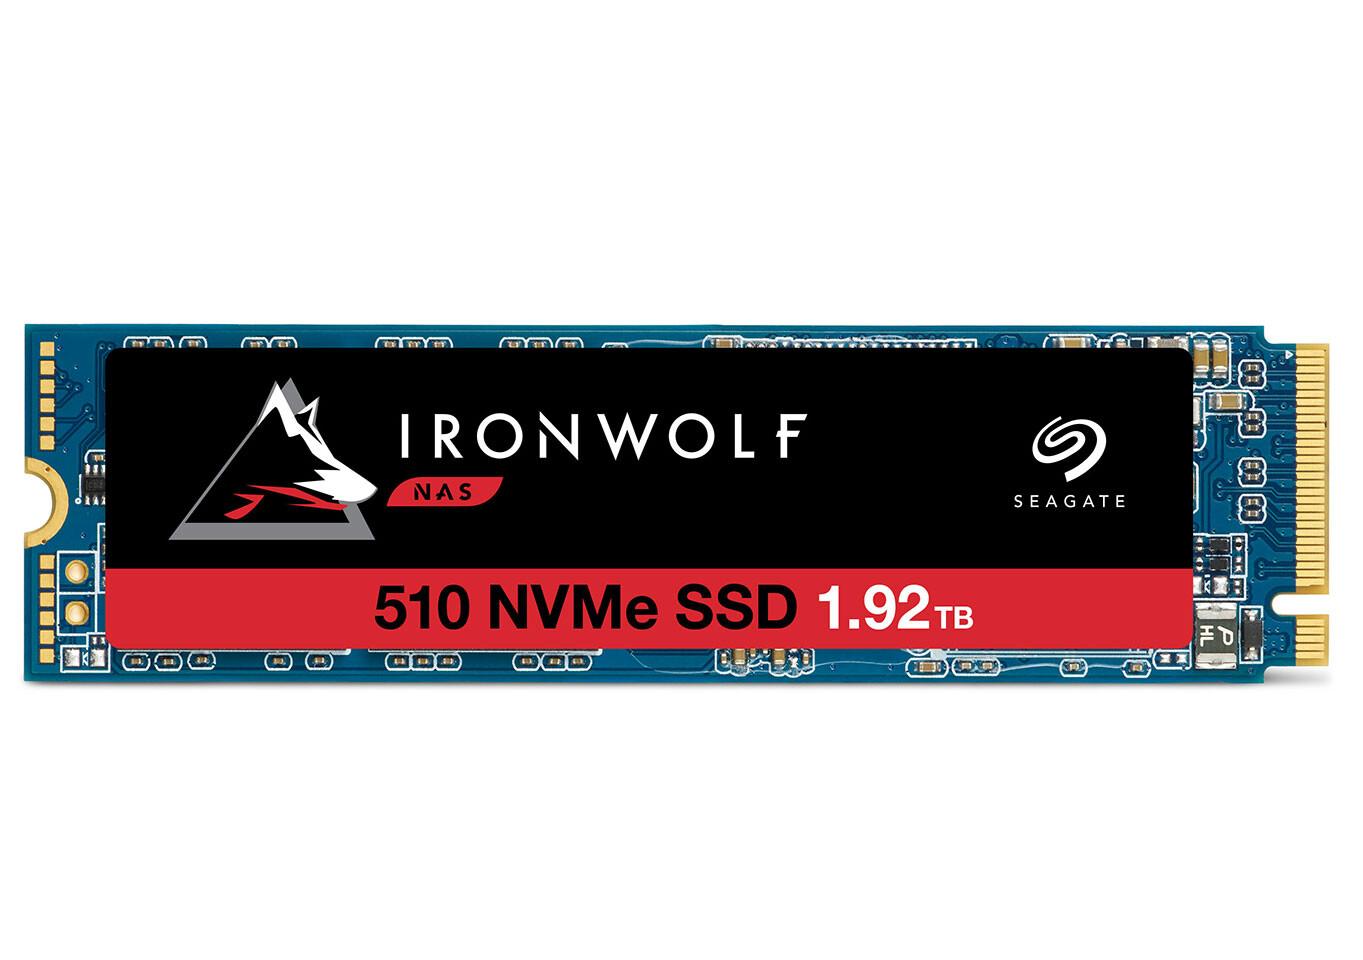 [Công nghệ] Seagate IronWolf 510 - SSD M.2 NVMe dành riêng cho hệ thống lưu trữ NAS